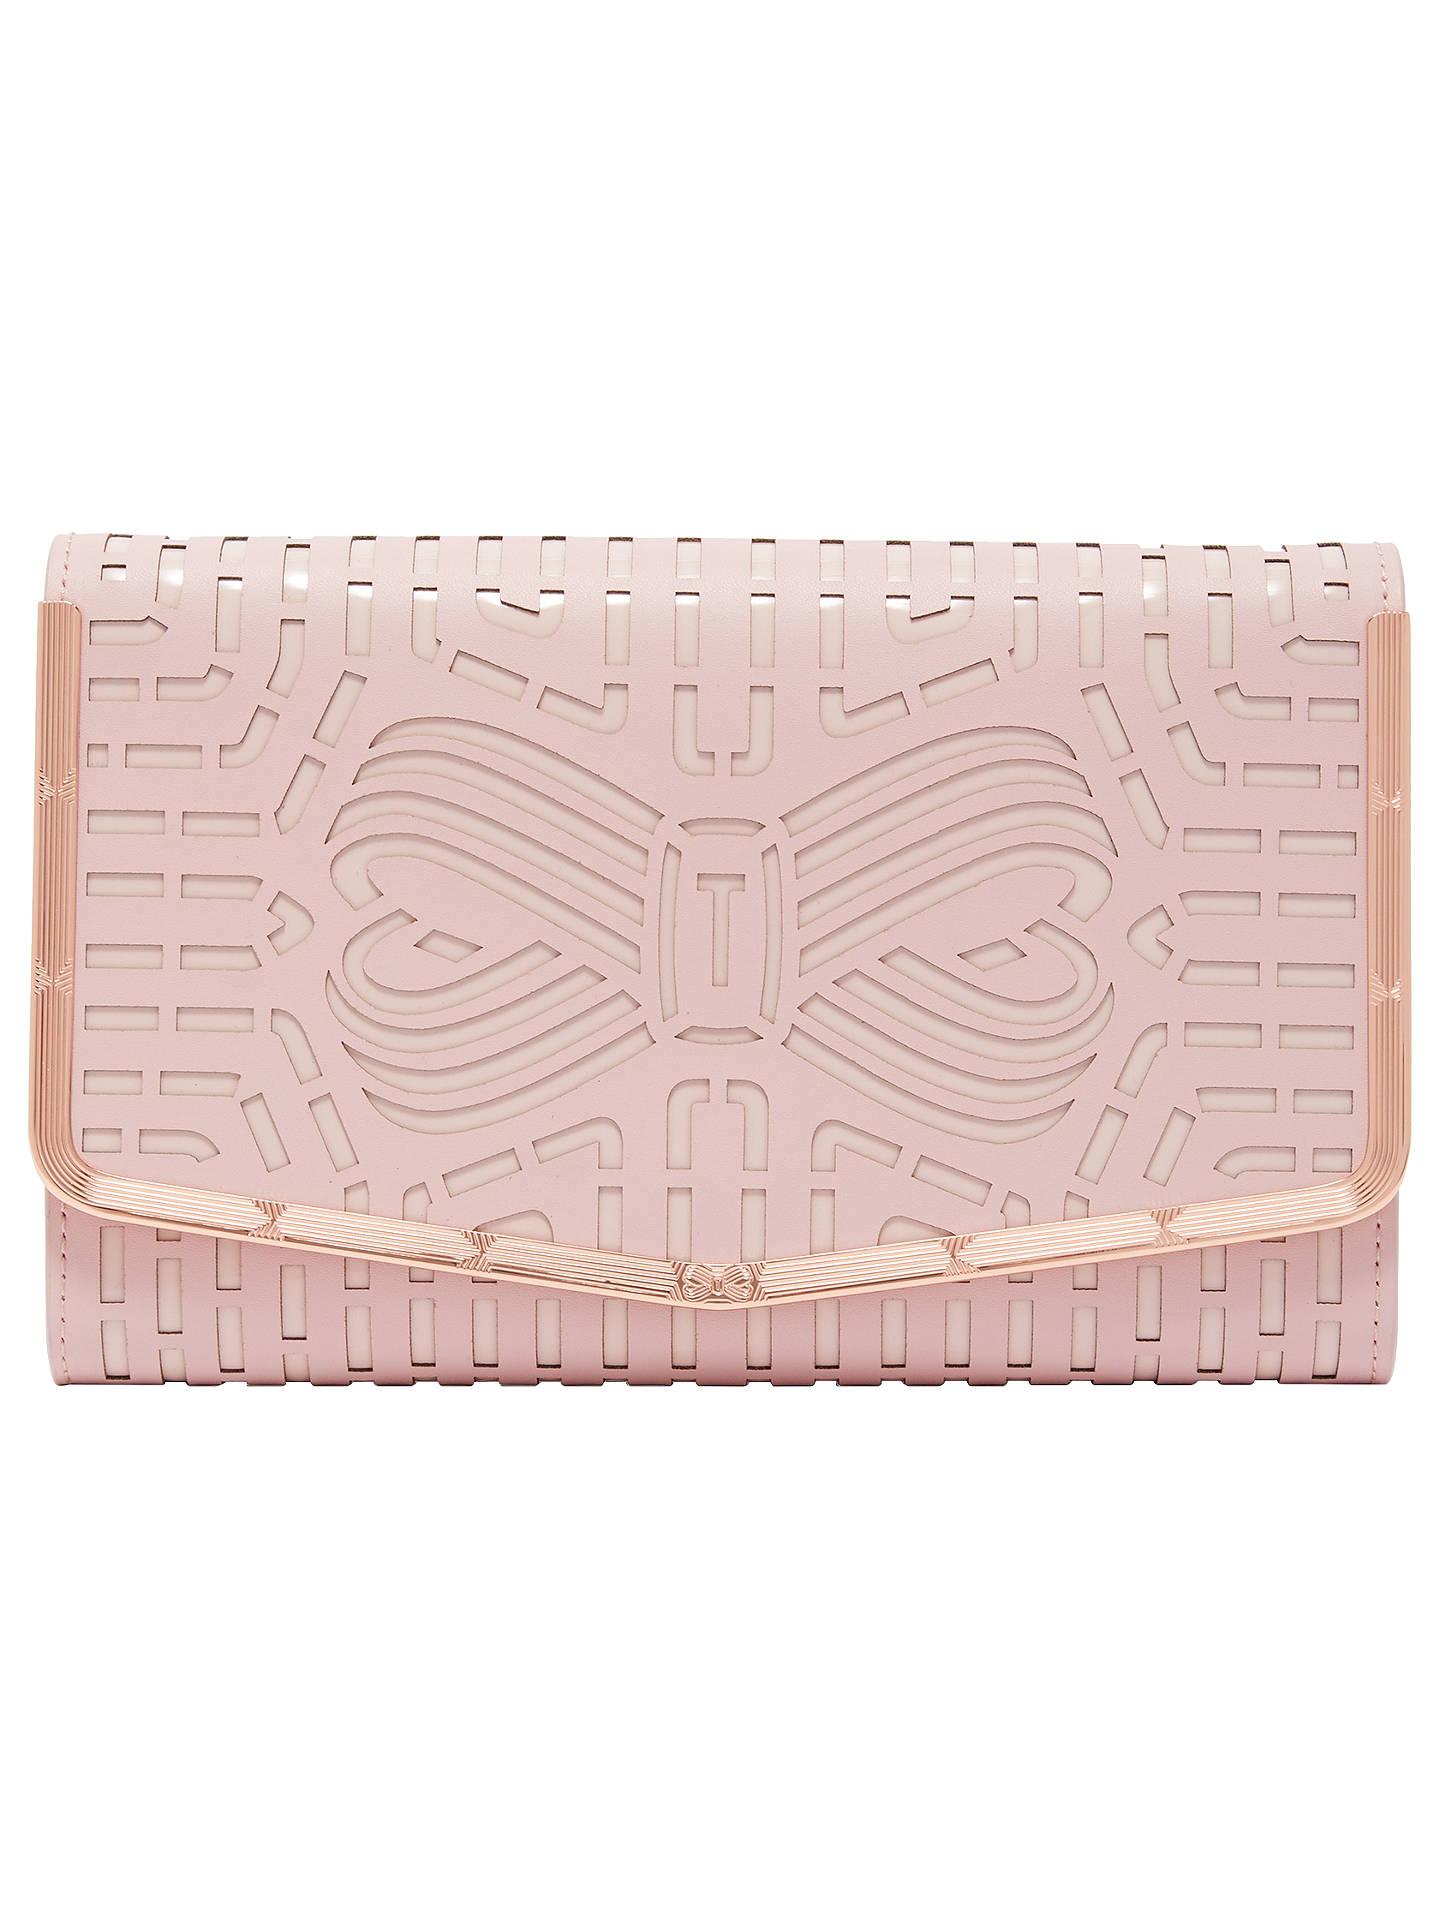 18179b4a3c9 Buy Ted Baker Bree Clutch Bag, Light Pink Online at johnlewis.com ...